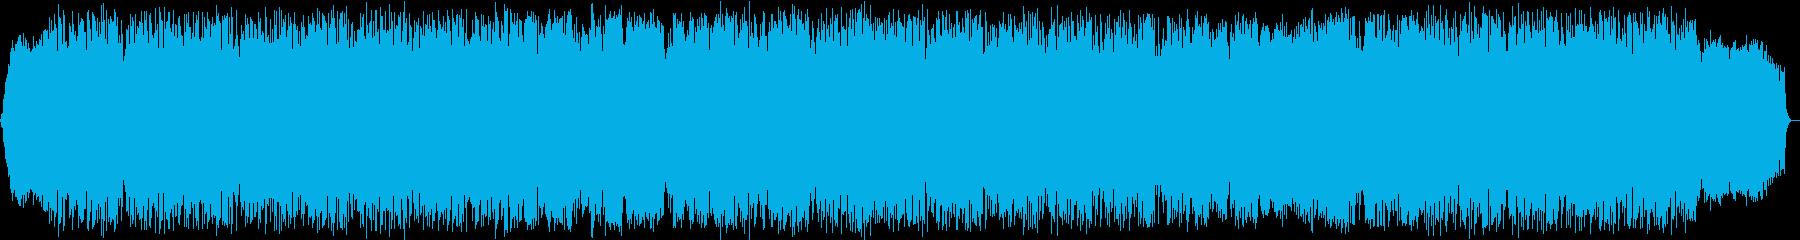 風のメロディ 竹笛のヒーリング音楽の再生済みの波形